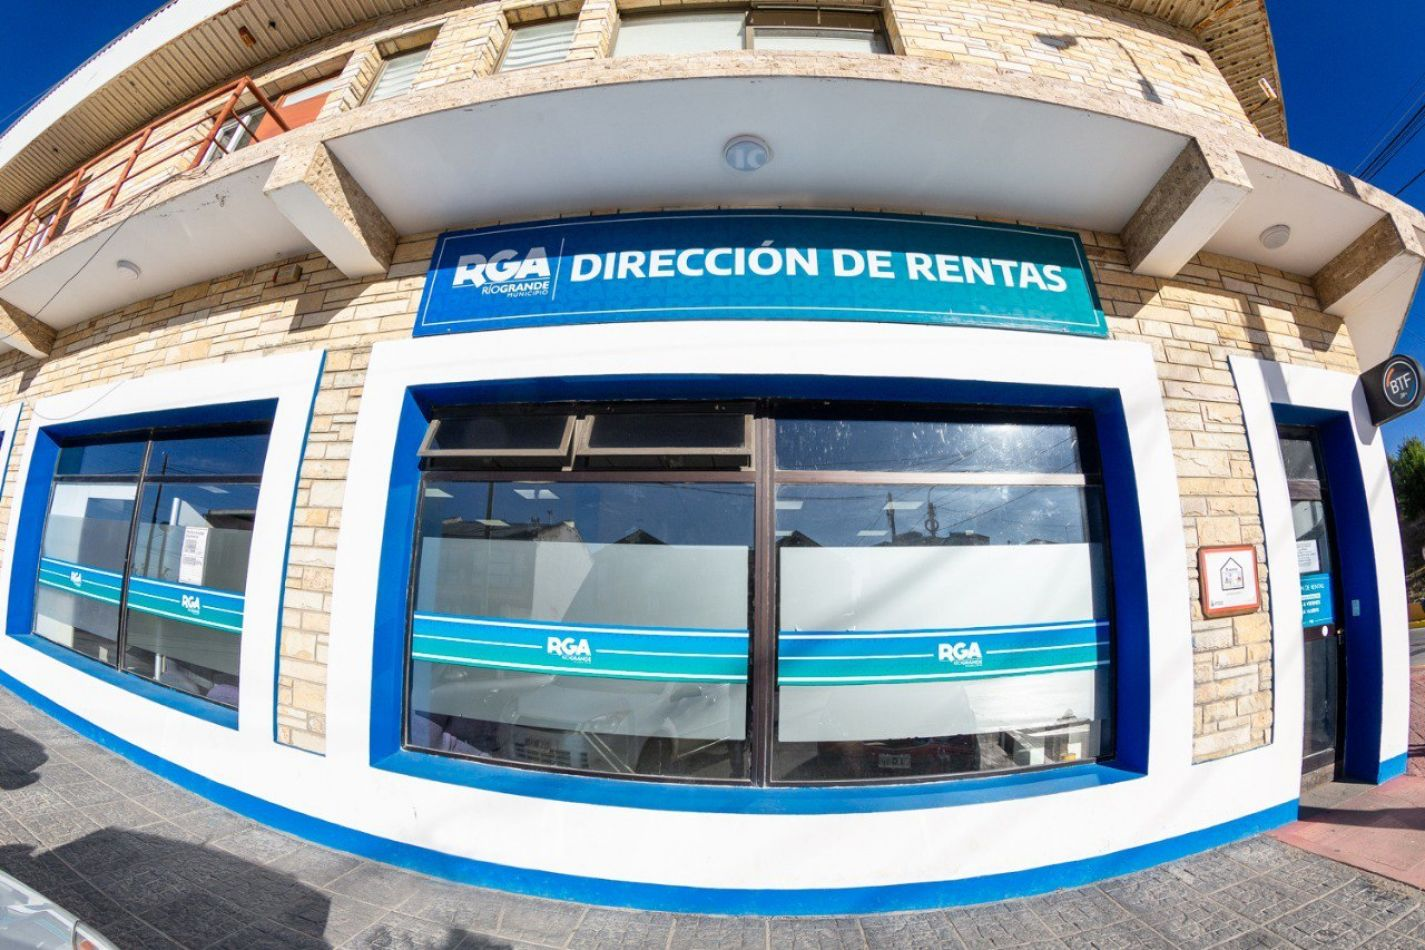 Rentas Municipal dela ciudad de Río Grande.